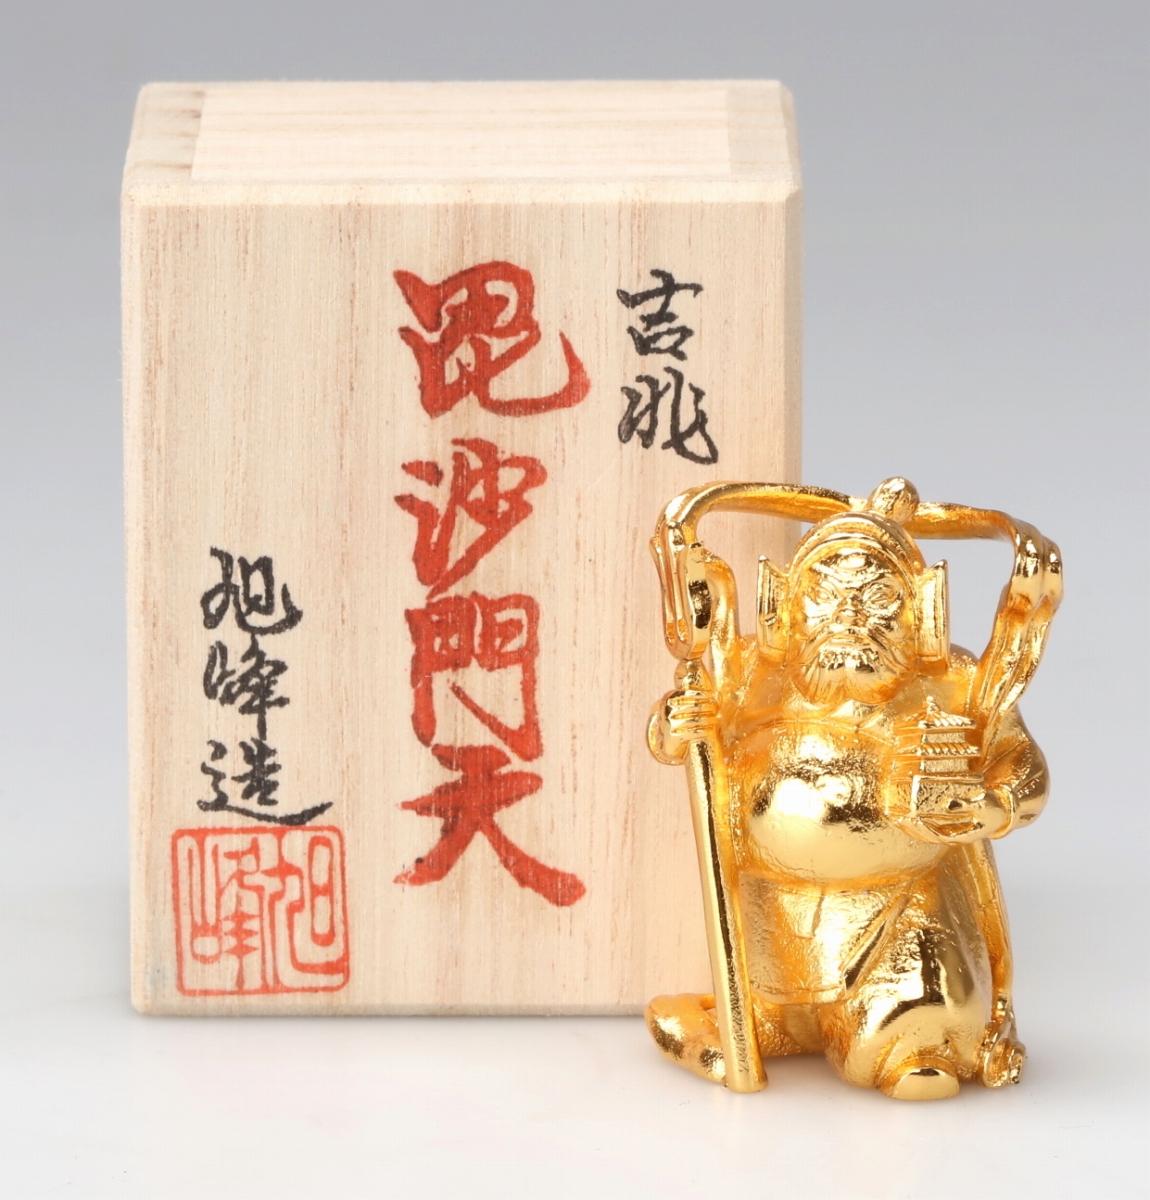 【高岡銅器】ミニ七福神 毘沙門天 金メッキ